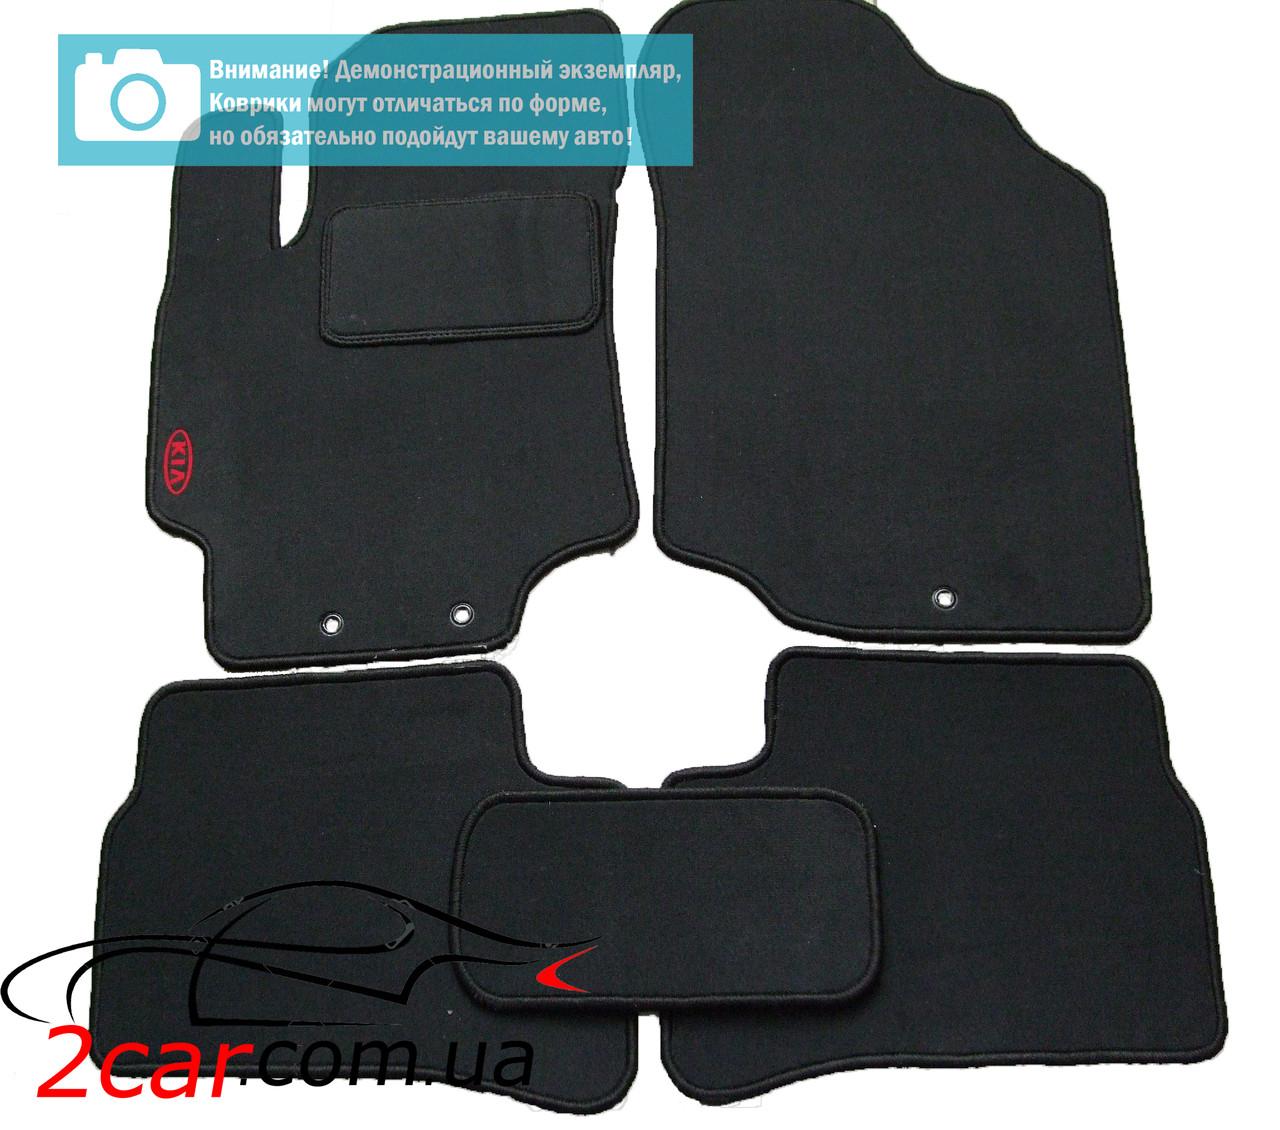 Текстильные коврики в салон для Volkswagen Touareg (2007-2010) (чёрный) (StingrayUA)